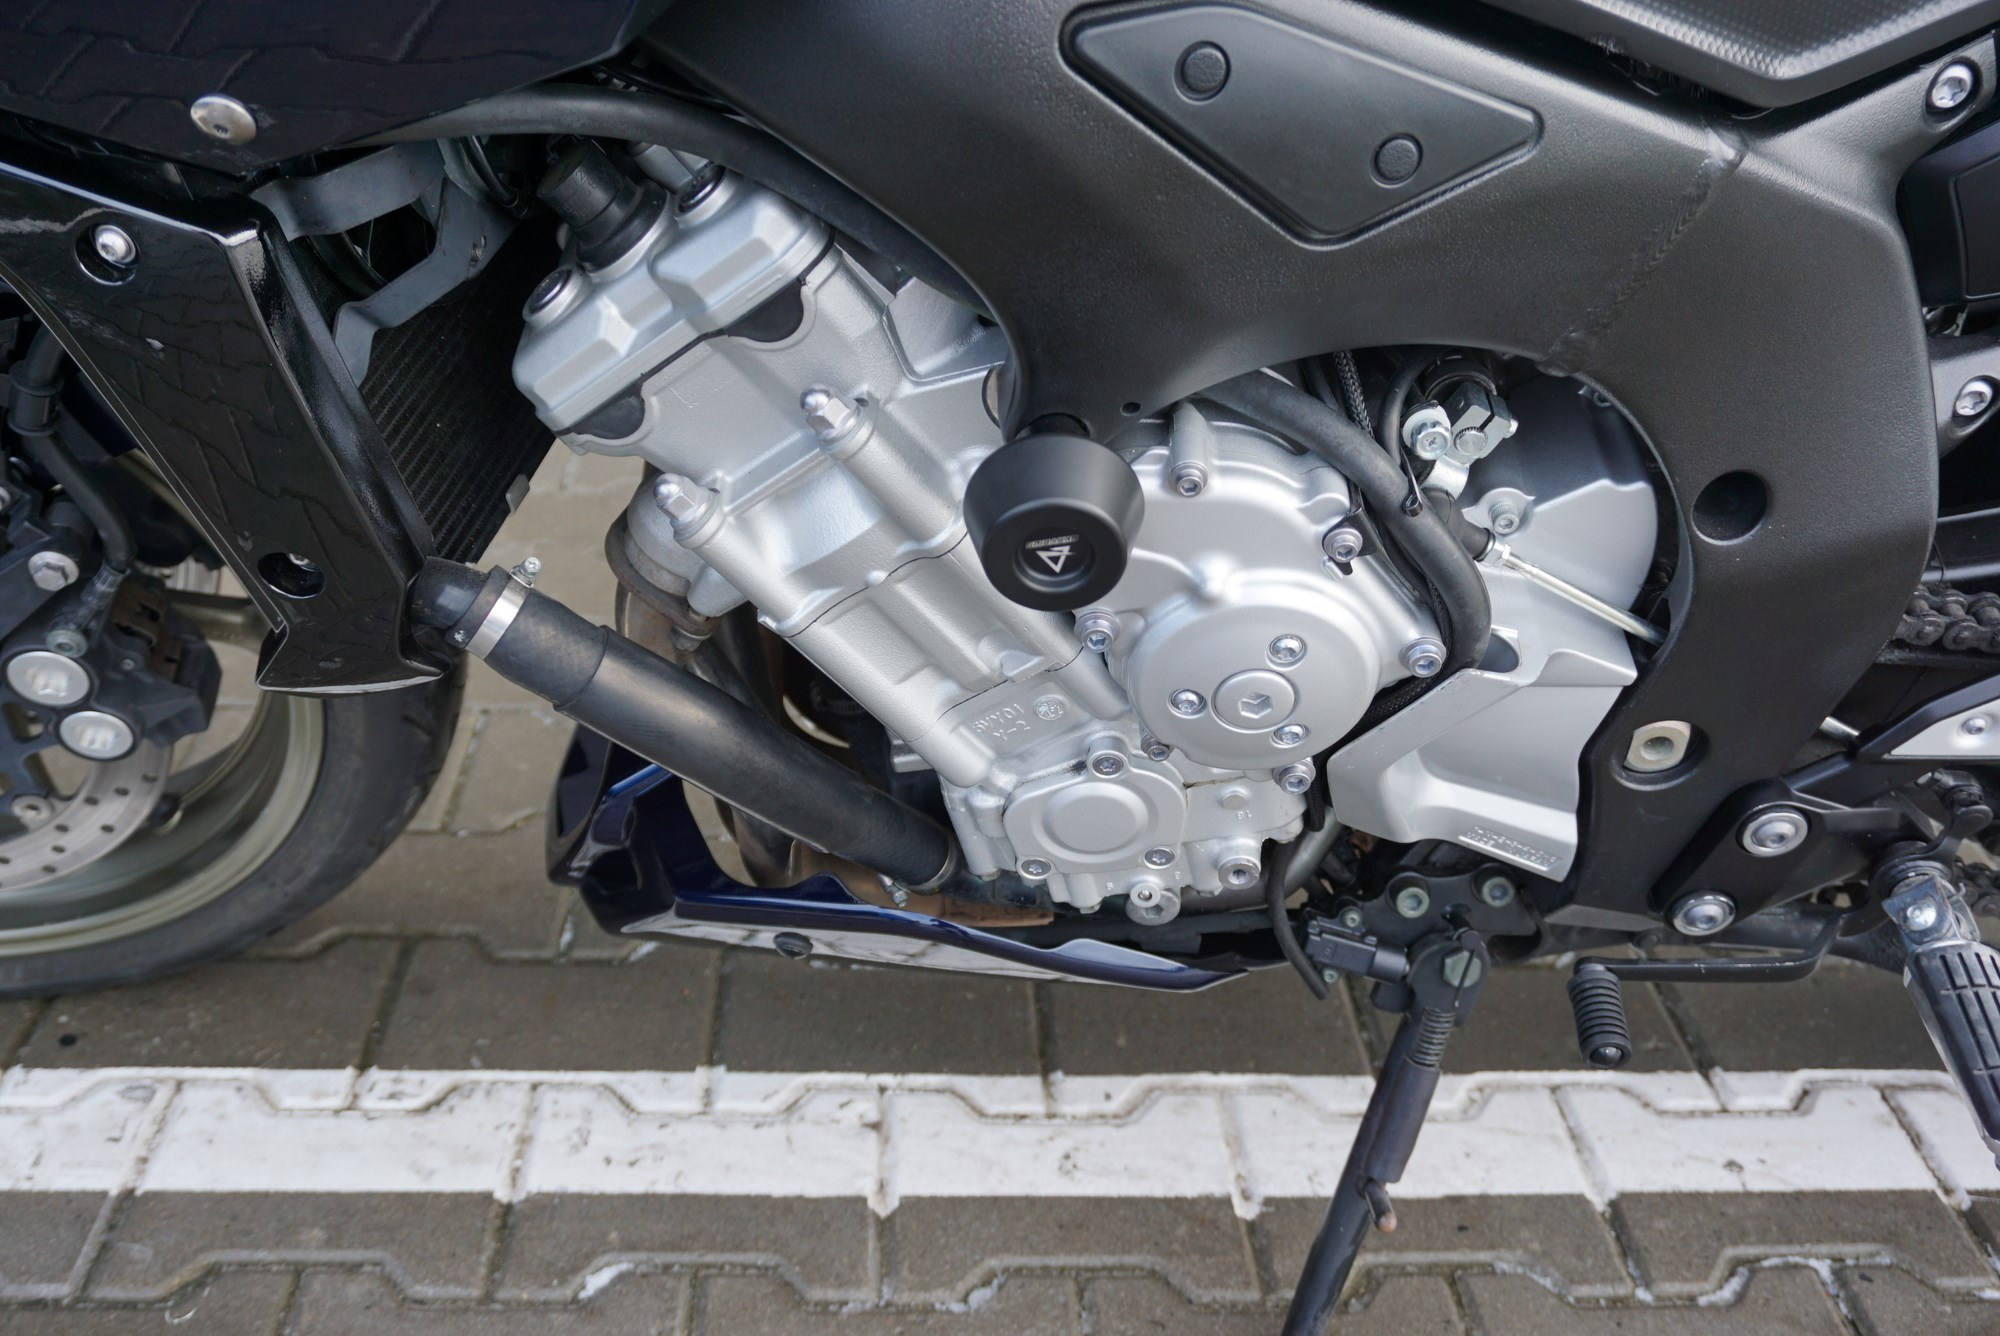 Yamaha FZ1-S ABS